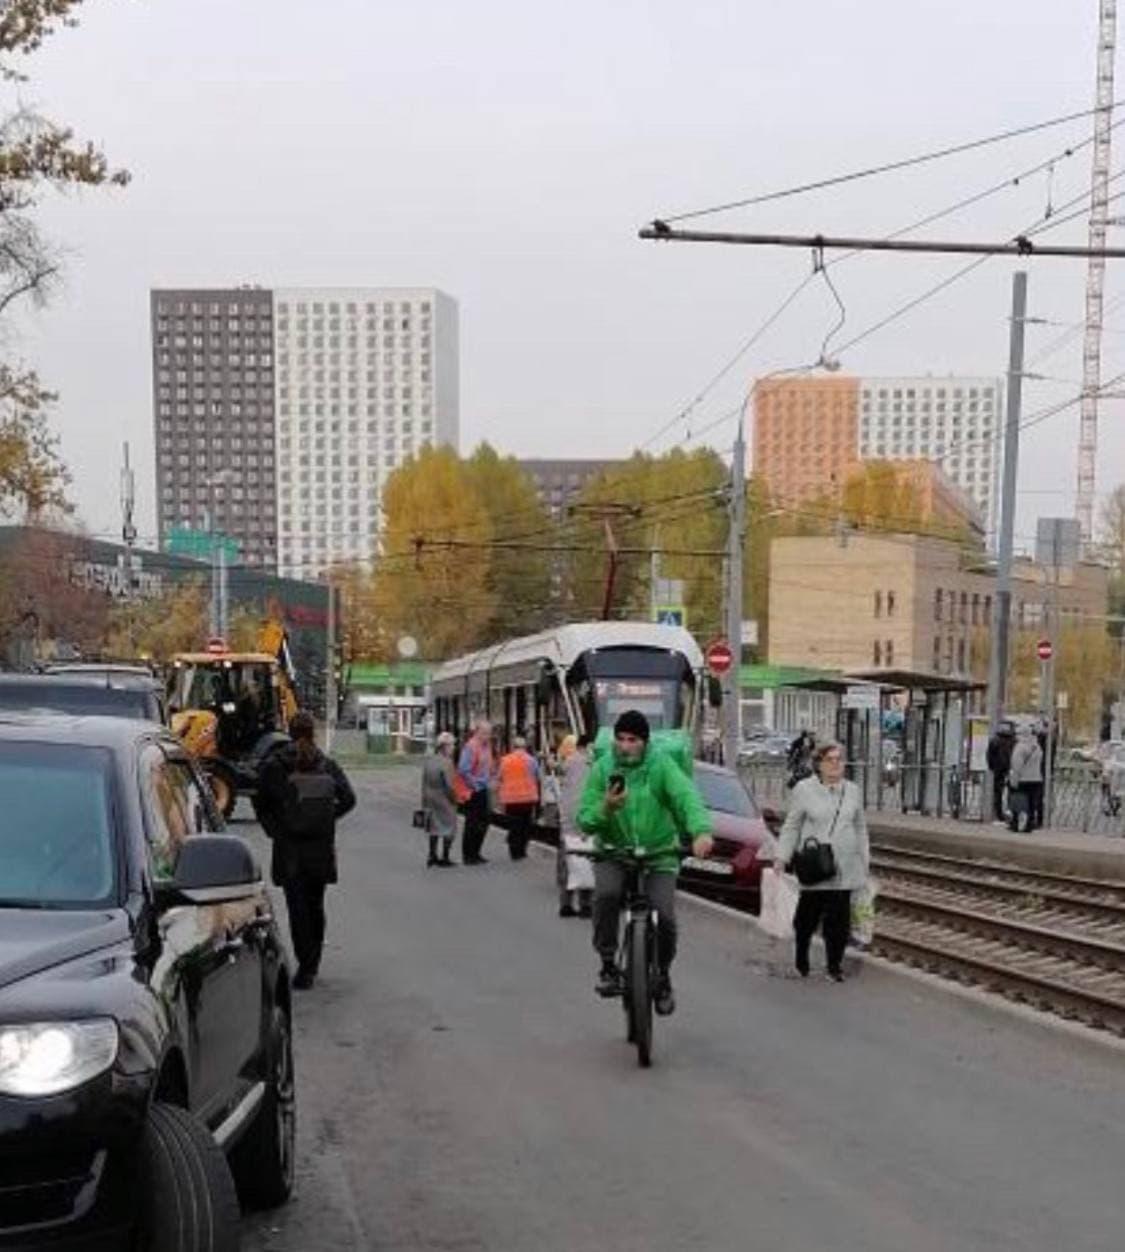 На Полярной машина оказалась на трамвайных путях, трамваи вставали.